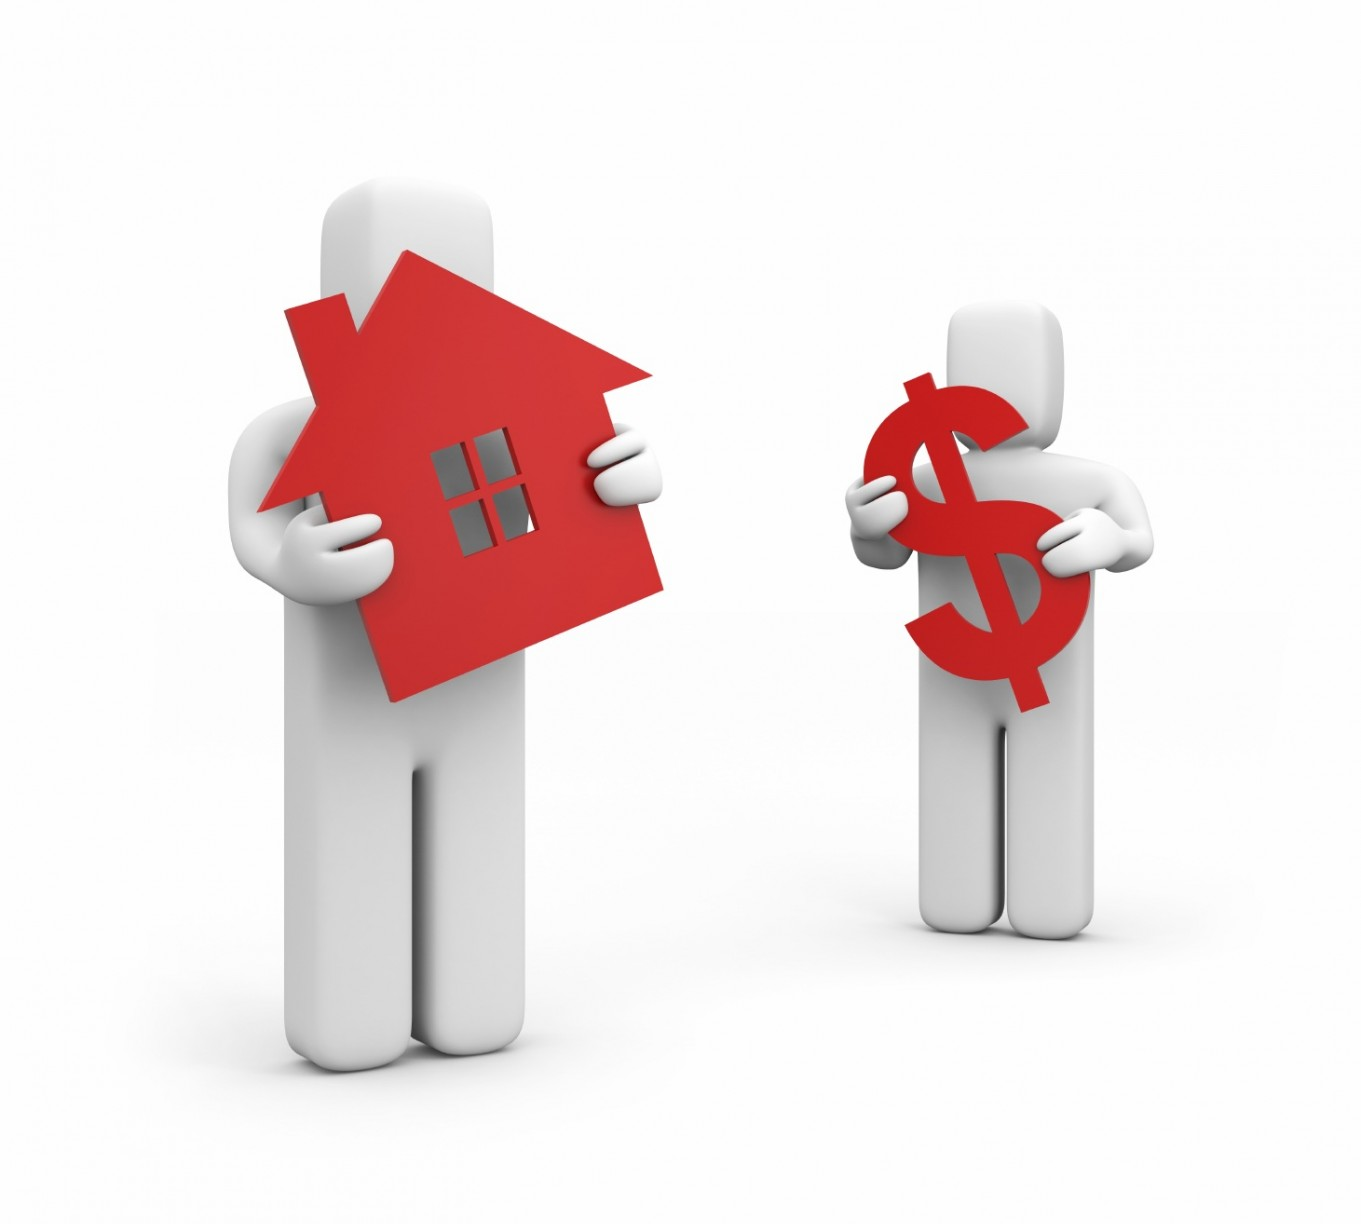 Guía del propietario: cómo evitar los errores más comunes al vender su inmueble